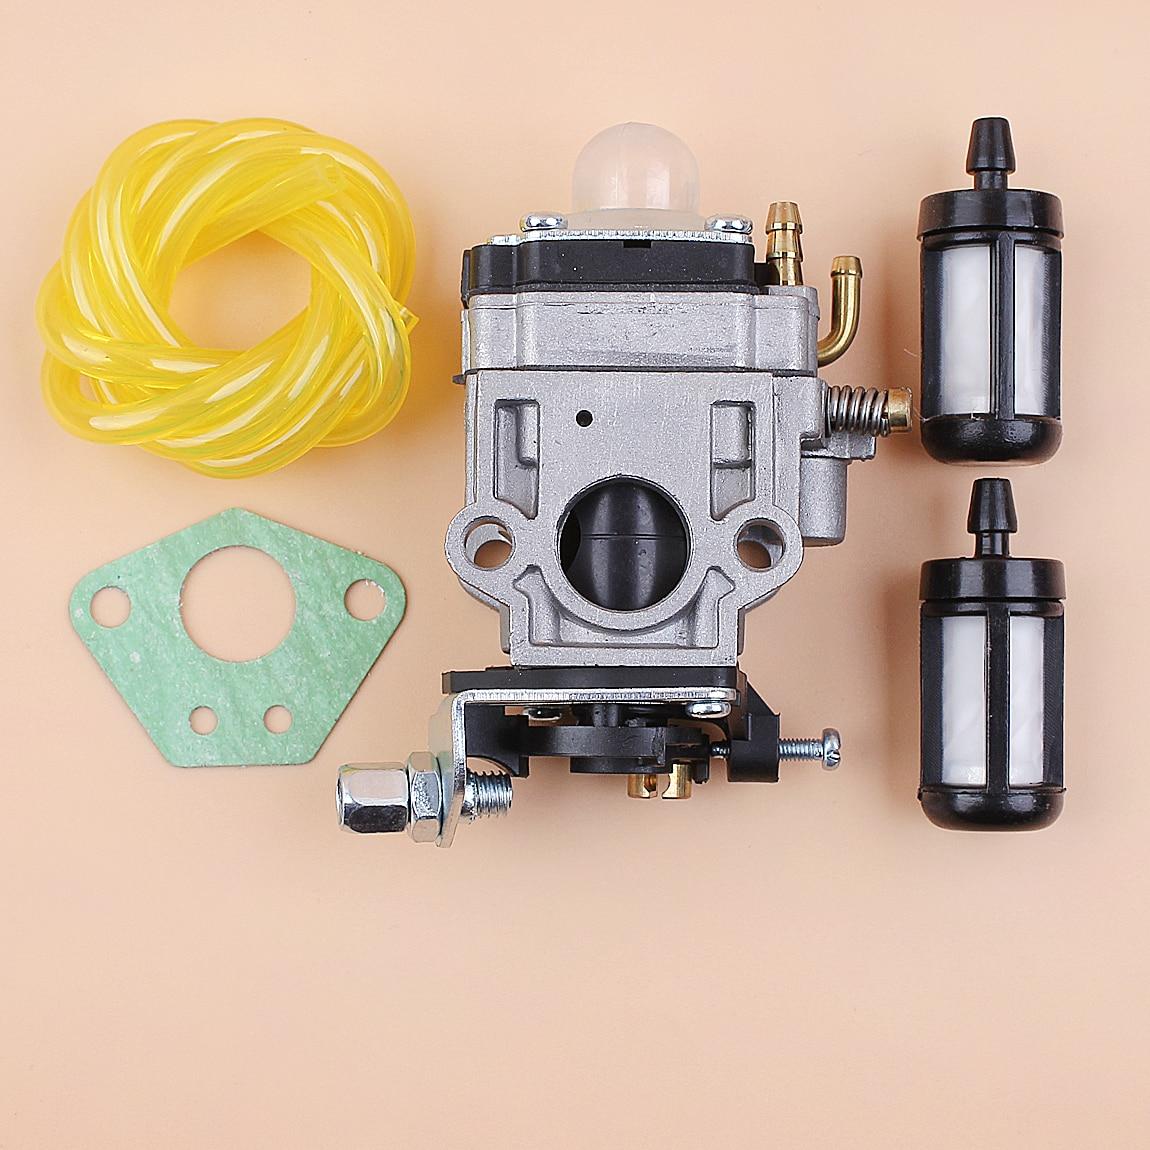 Carburetor Carb Fuel Line Filter For Shindaiwa EB802 EB802RT EB630 EB633RT RedMax EB 4300 4400 431 7000 7001 Troy Bilt Blower